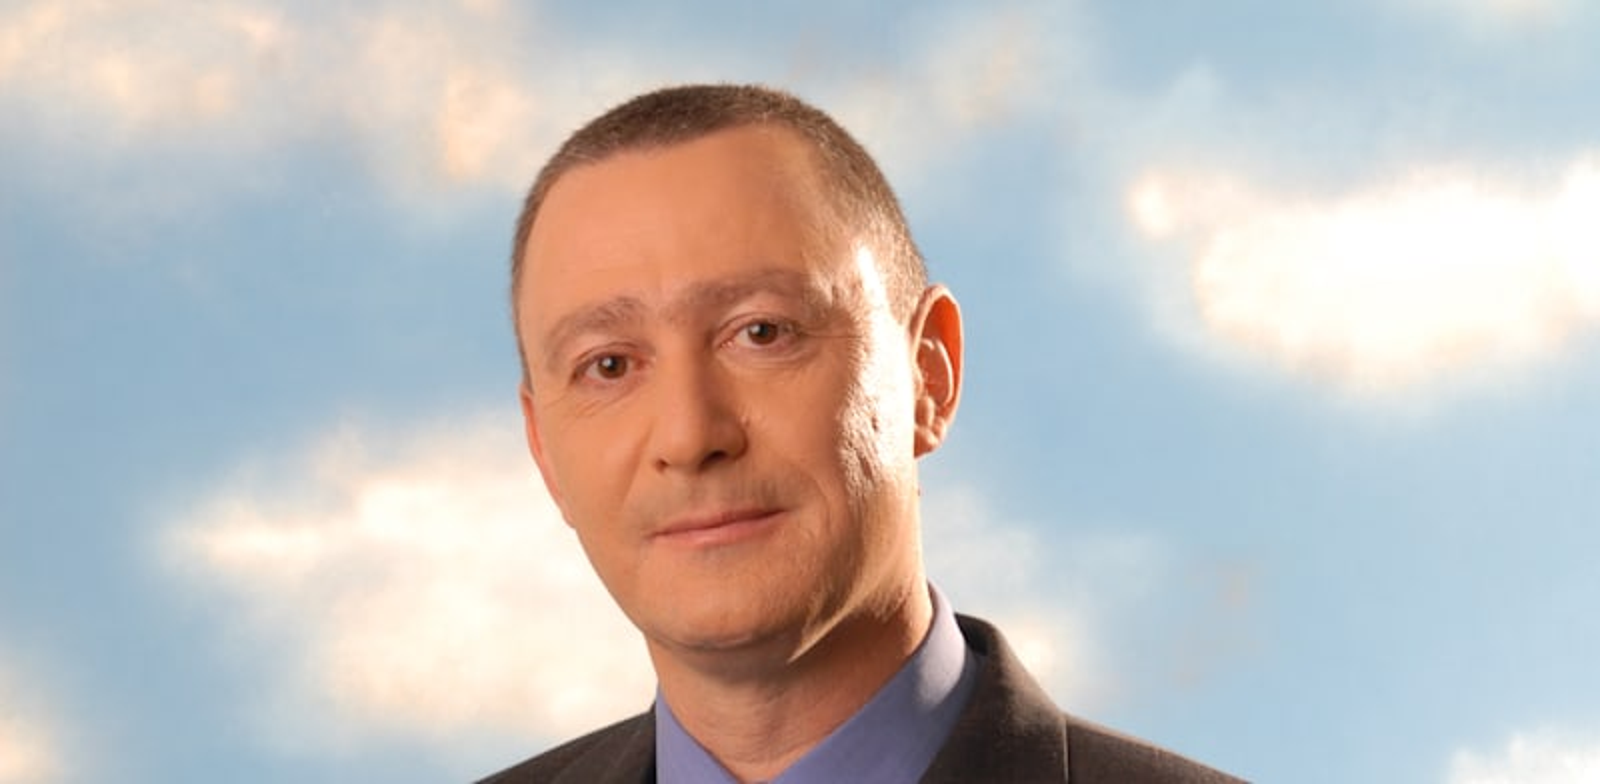 ארז חיימוביץ, שותף בקרן אורבימד